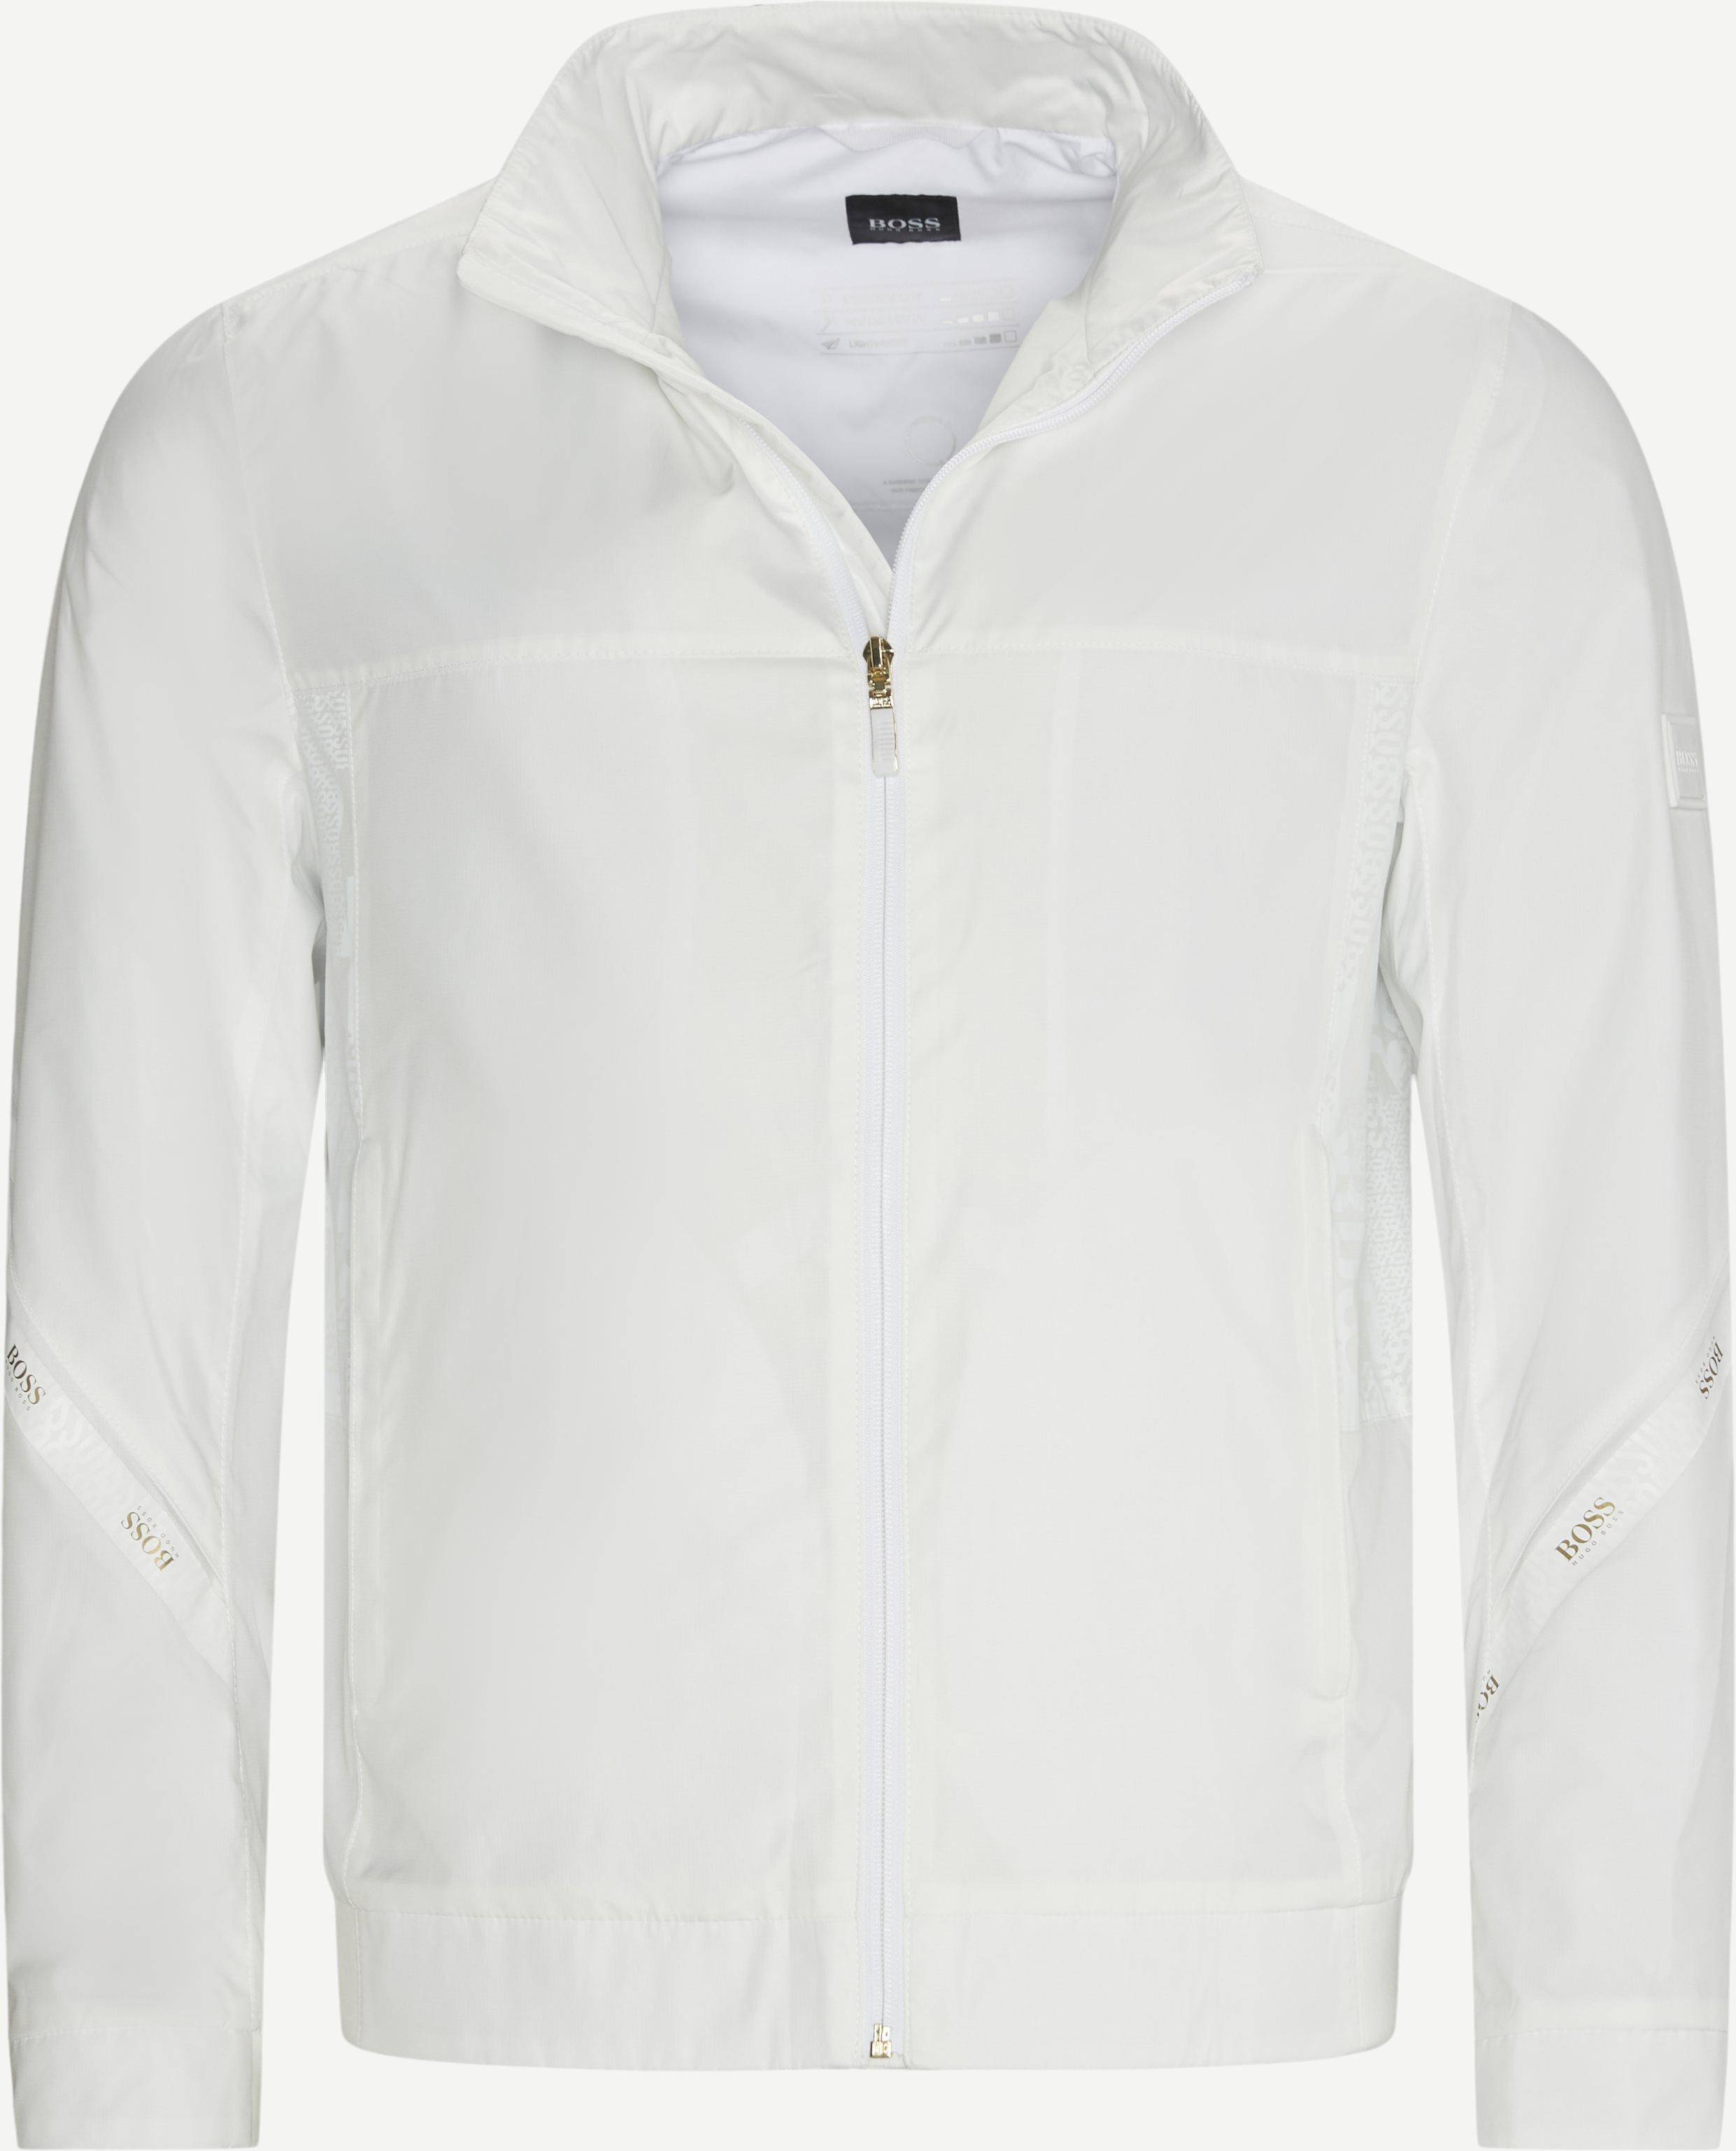 Zircon Jakke - Jackets - Regular - White